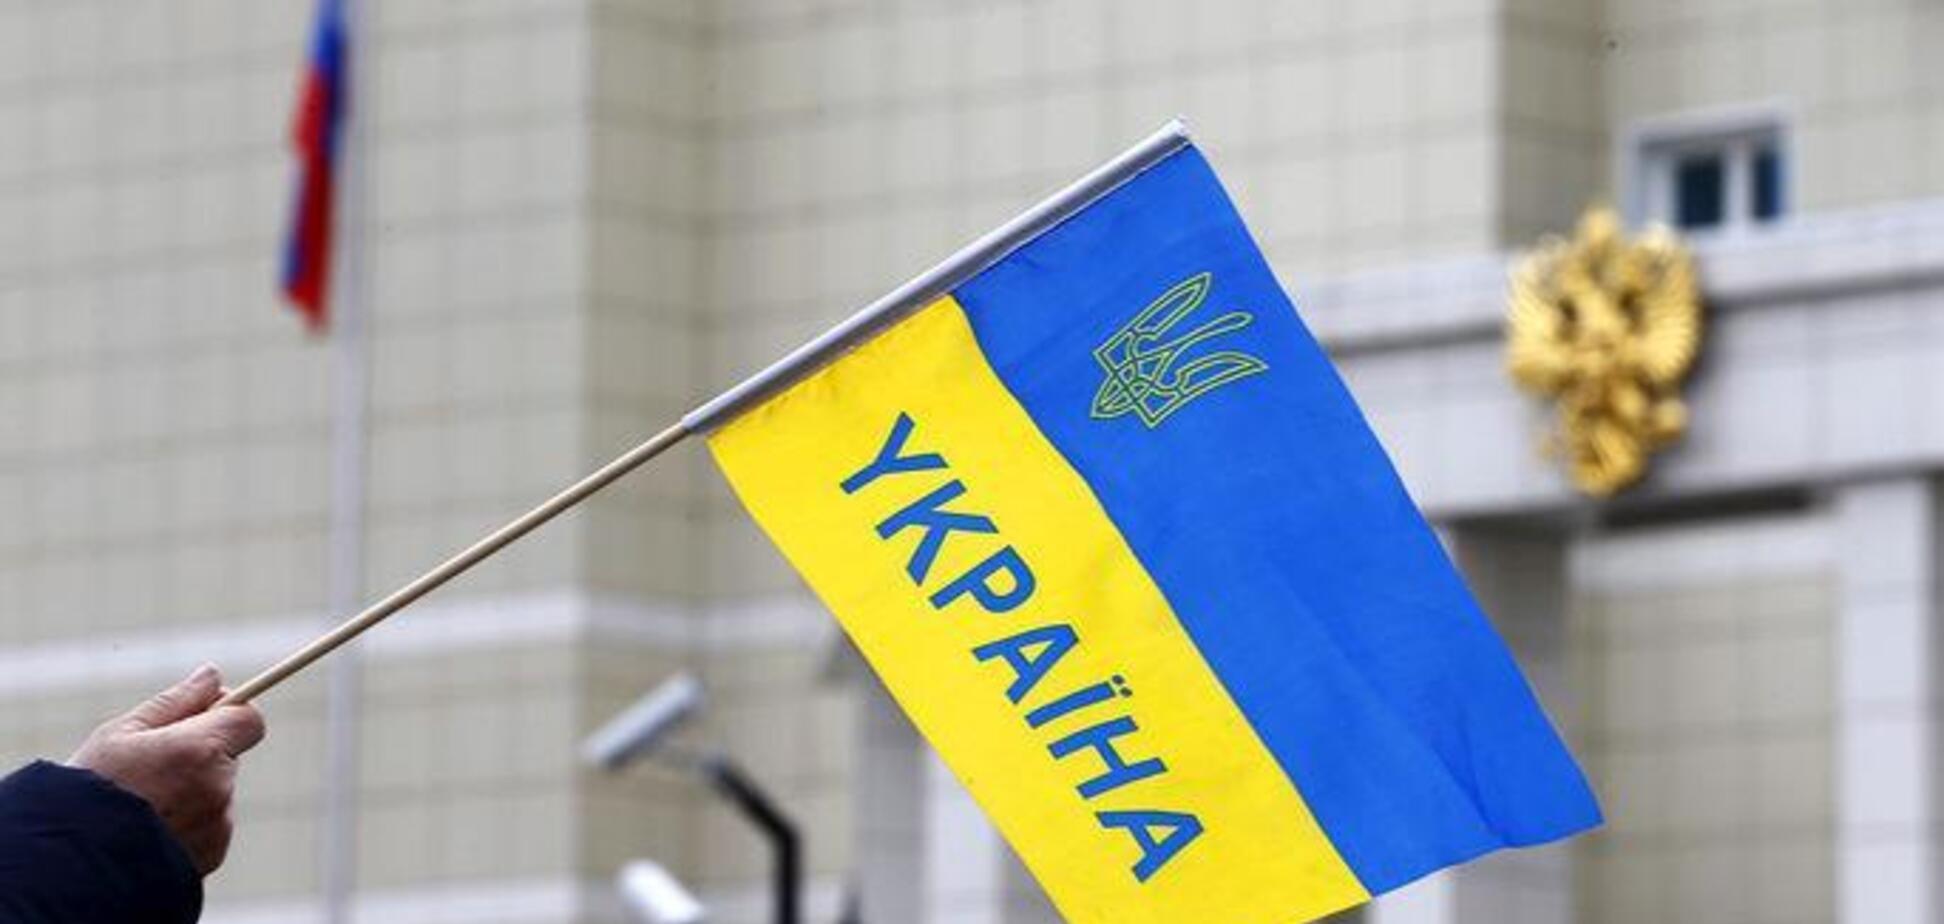 'Ні холодно, ні жарко': Росії вказали на ганьбу з санкціями проти України